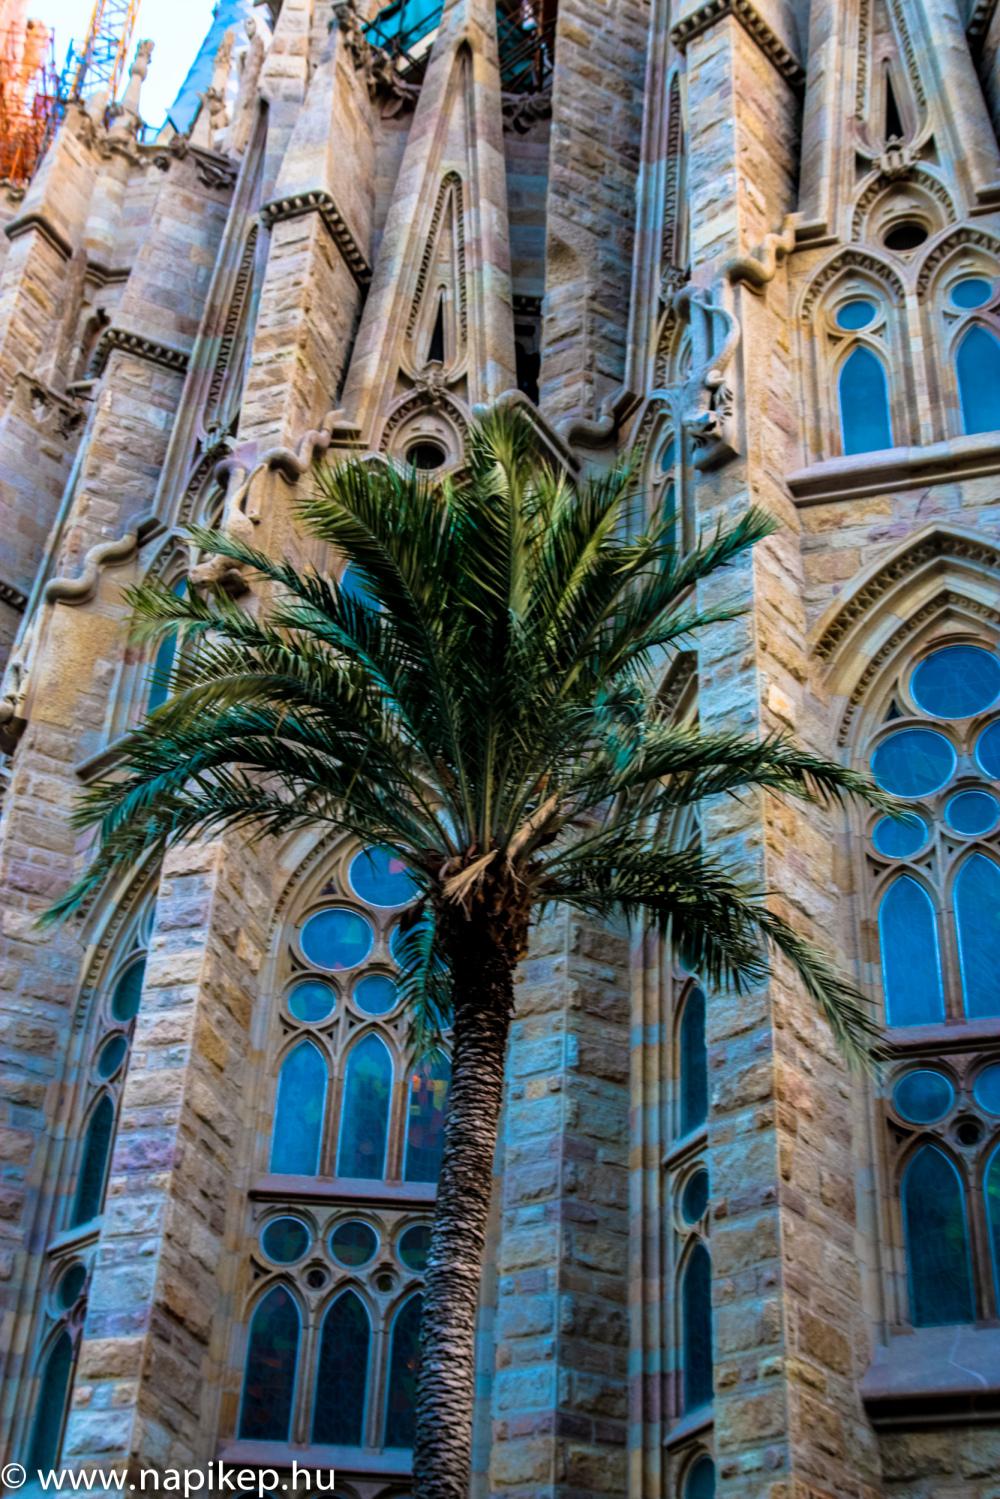 palms, palms everywhere